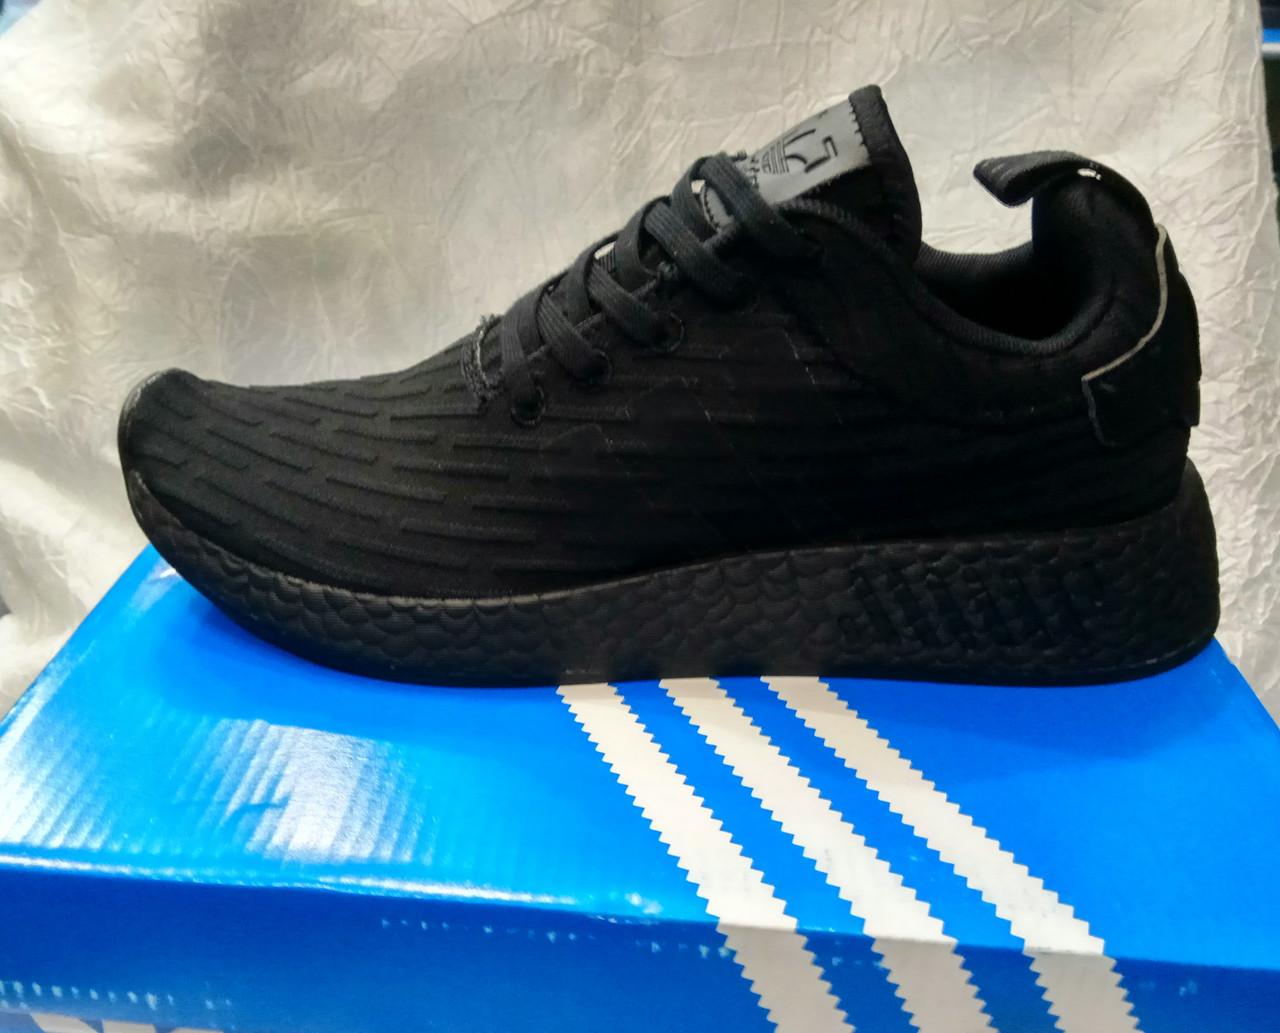 Чоловічі кросівки Adidas NMd r2 pk чорні